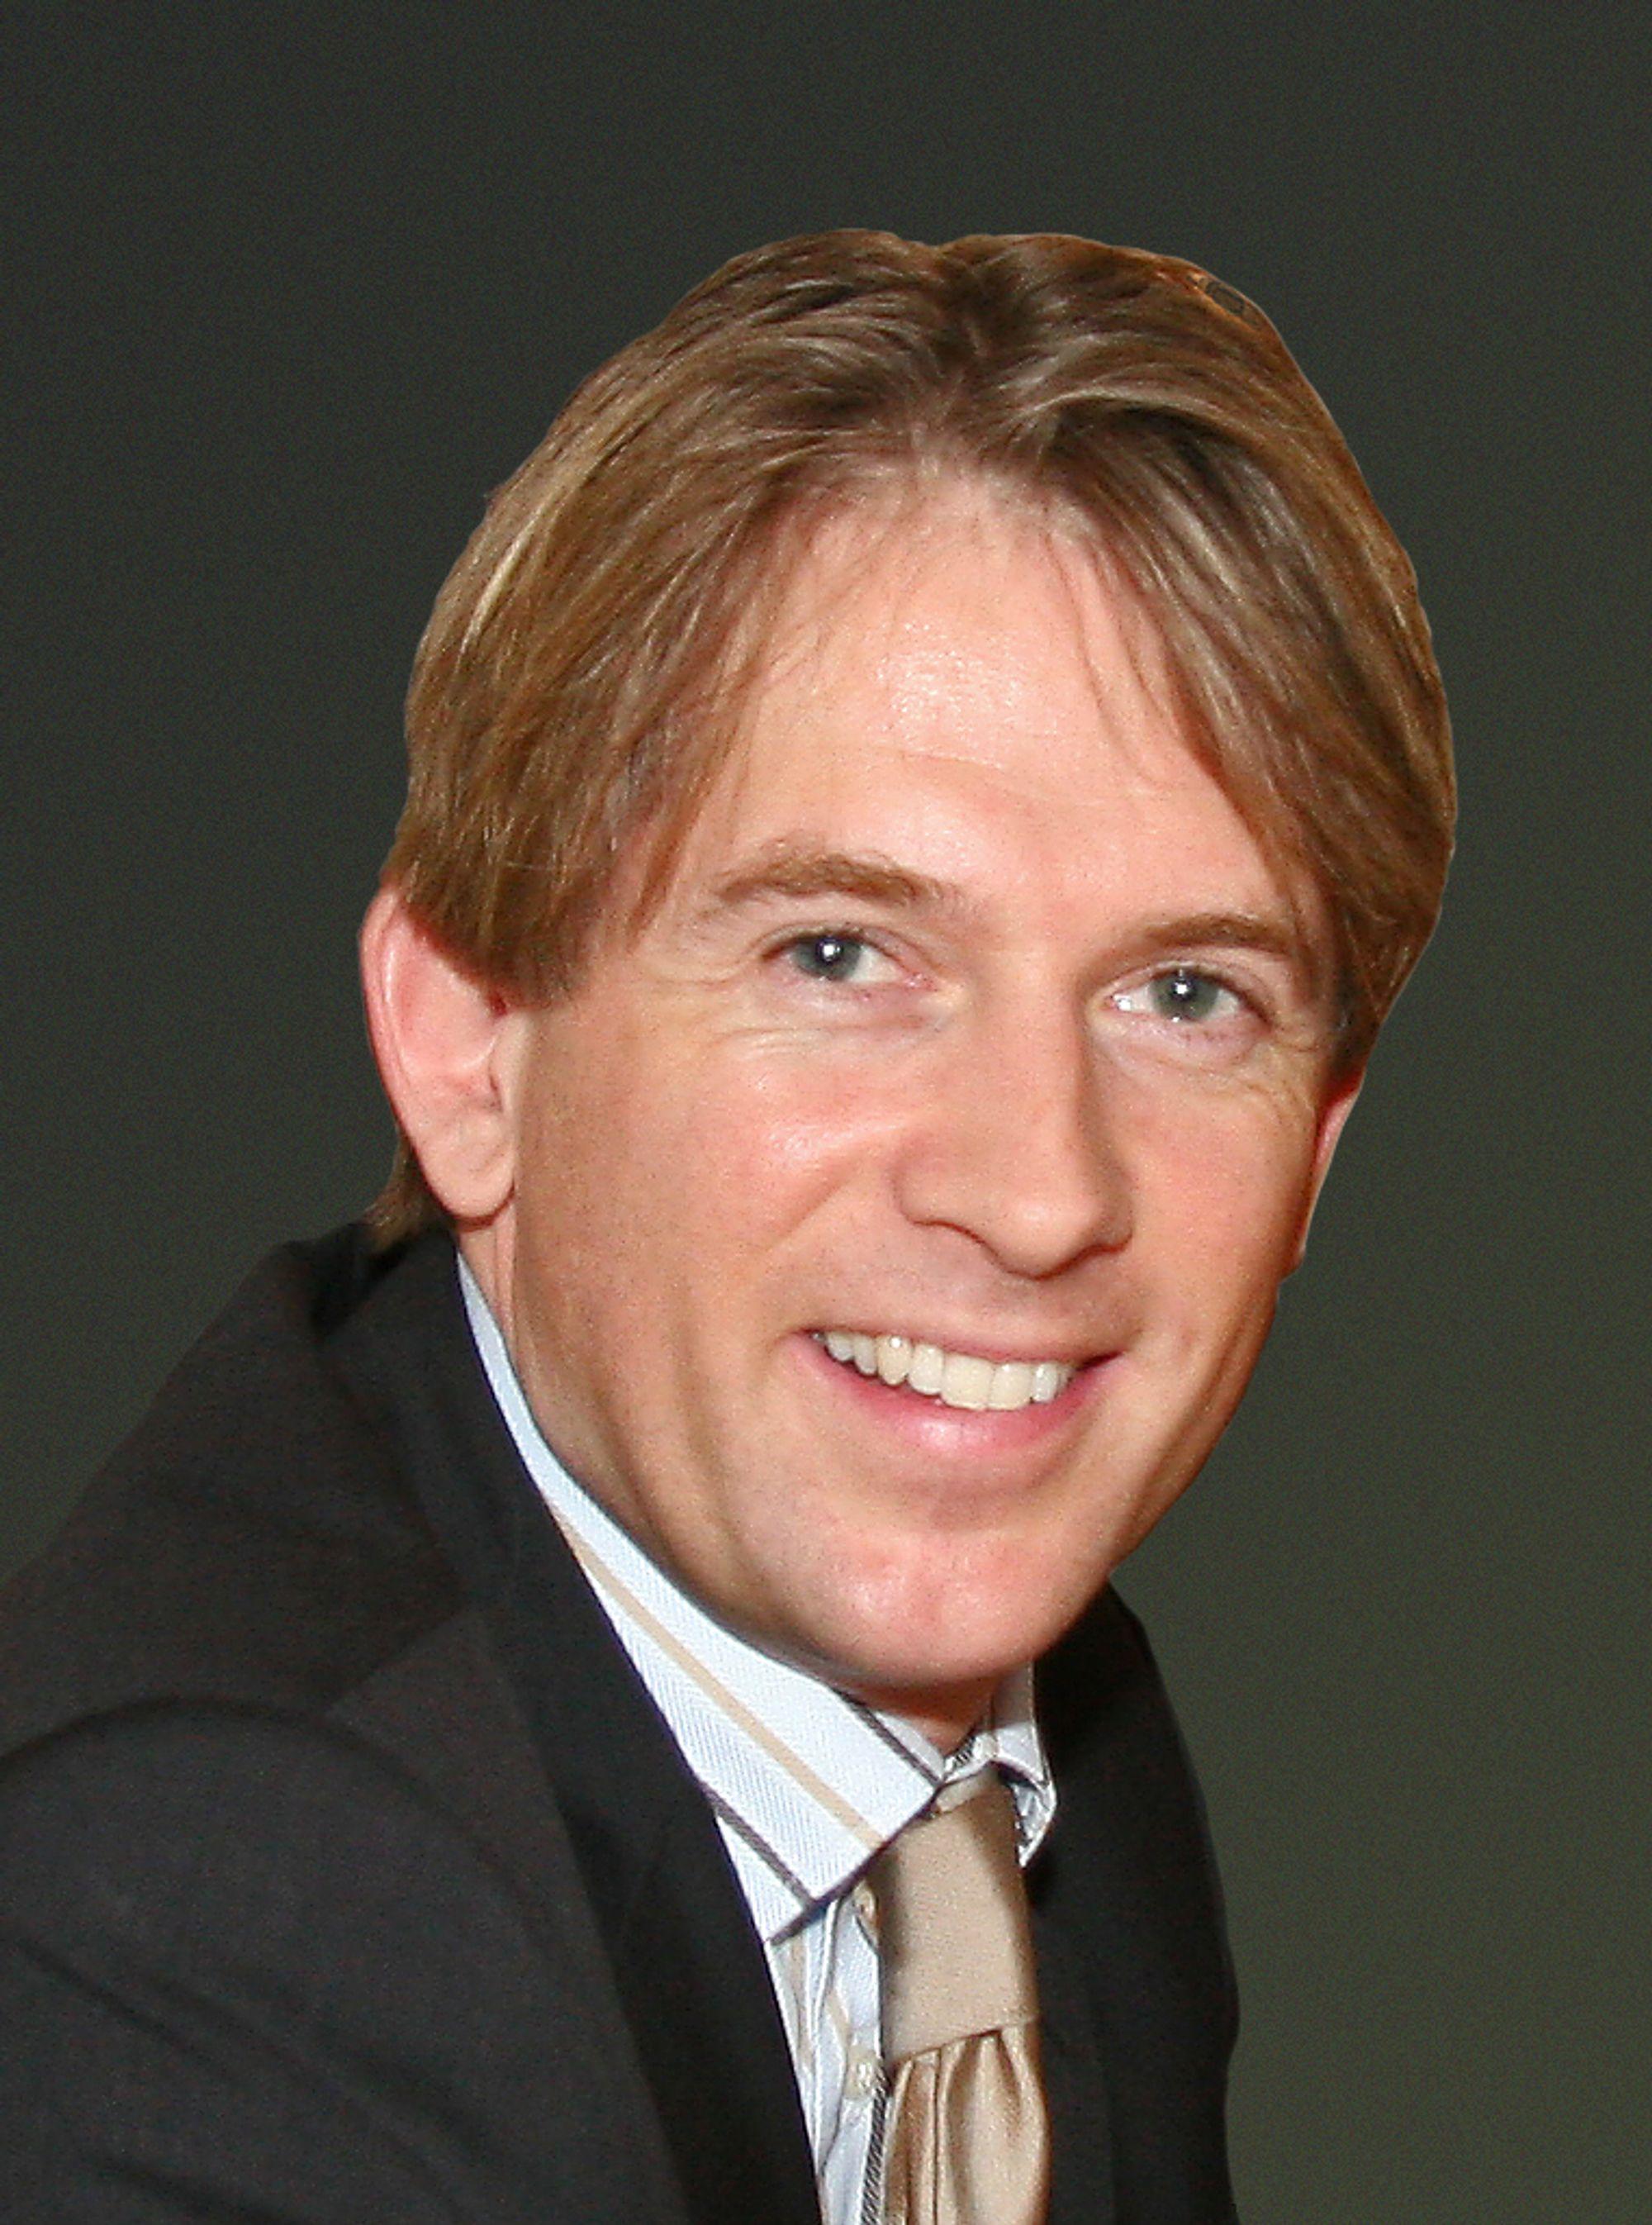 EIVIND ROALD er ny adm. direktør i HP Norge. Han er diplomøkonom fra BI med lang erfaring i teknologisalg fra Accenture. Han har jobbet med HP som kunde siden selskapet fusjonerte med Compaq. I november 2004 ble han salgsdirektør i HP.